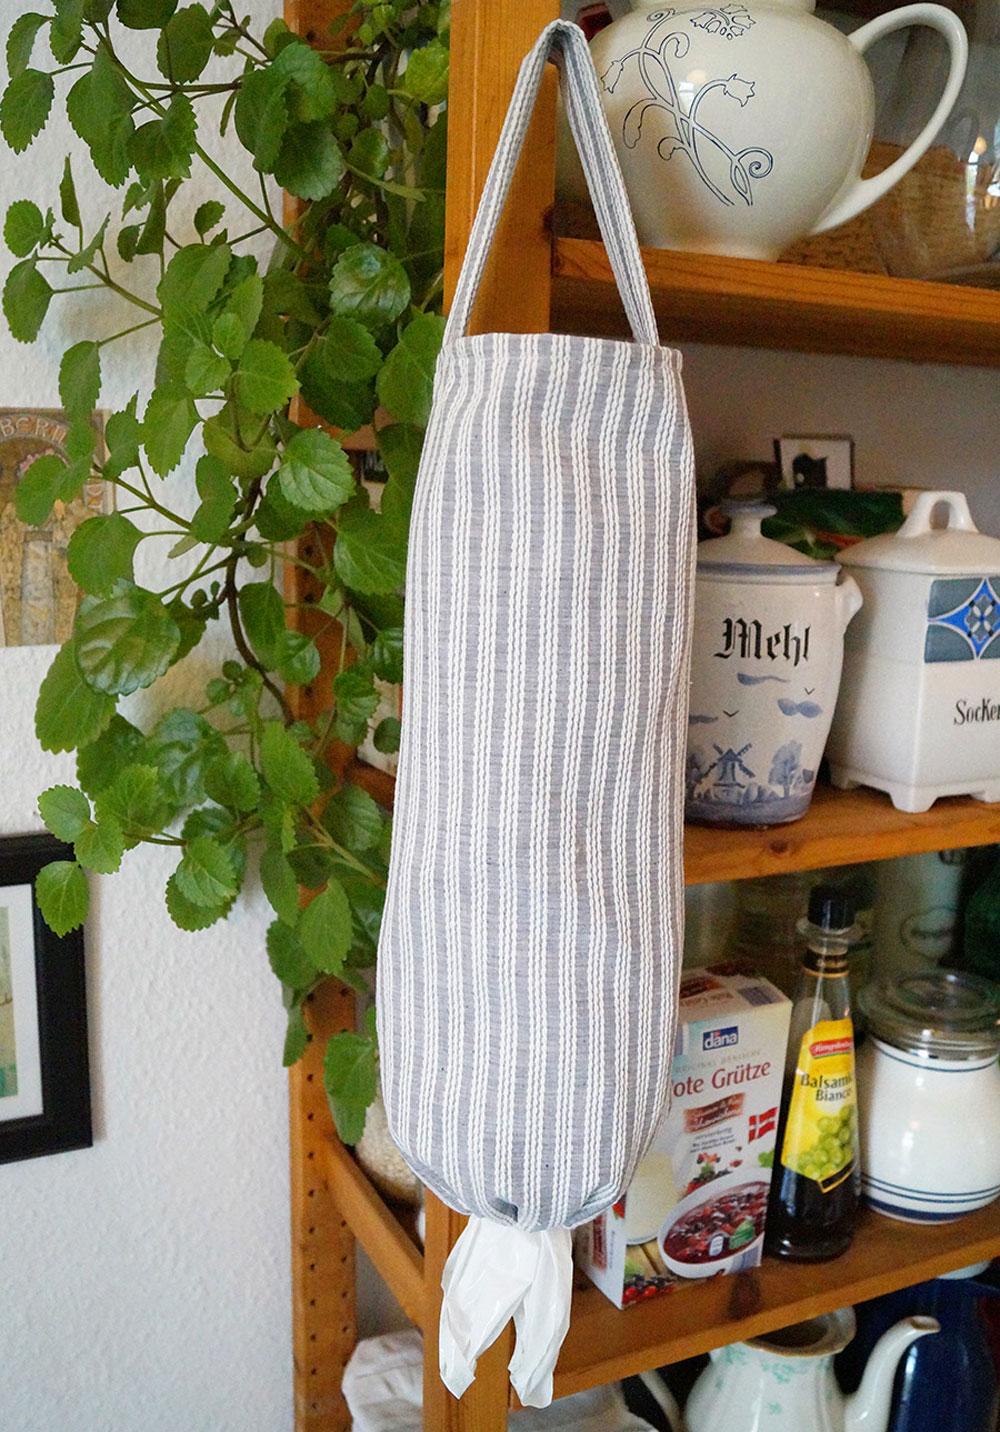 Küche und Haushalt - Tütenbeutel Ronja Lotte topflappen 10 tolle Strick-, Häkel- und Nähanleitungen für Küche und Haushalt